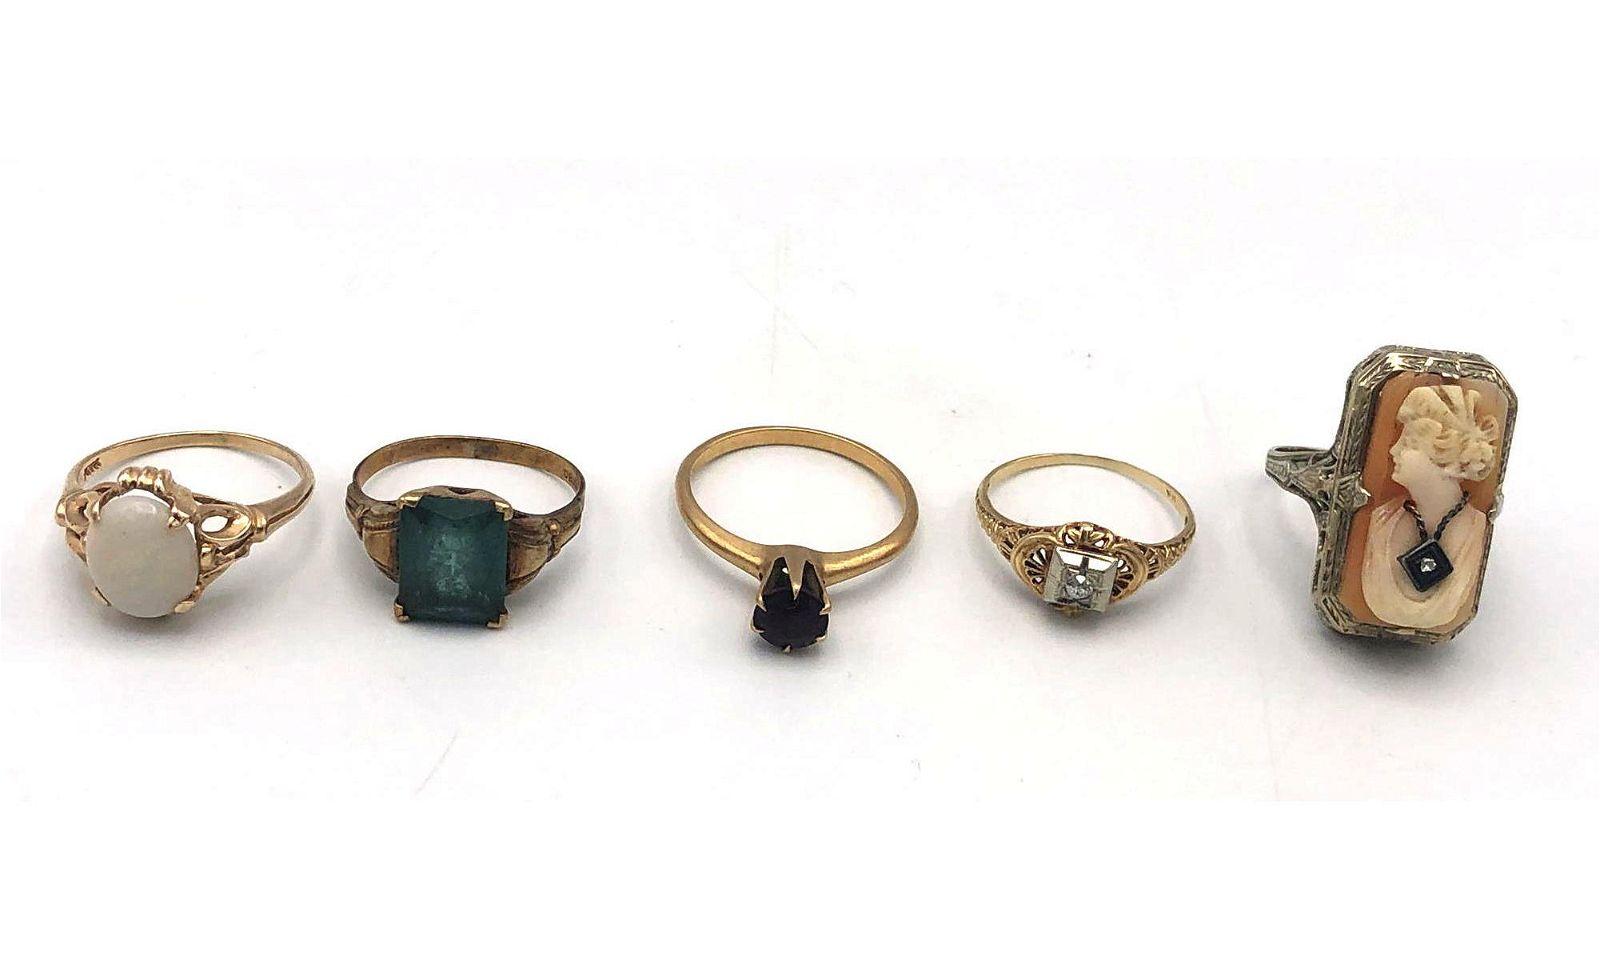 5 Vintage 10 Karat and 14 Karat Gold Ladies Rings